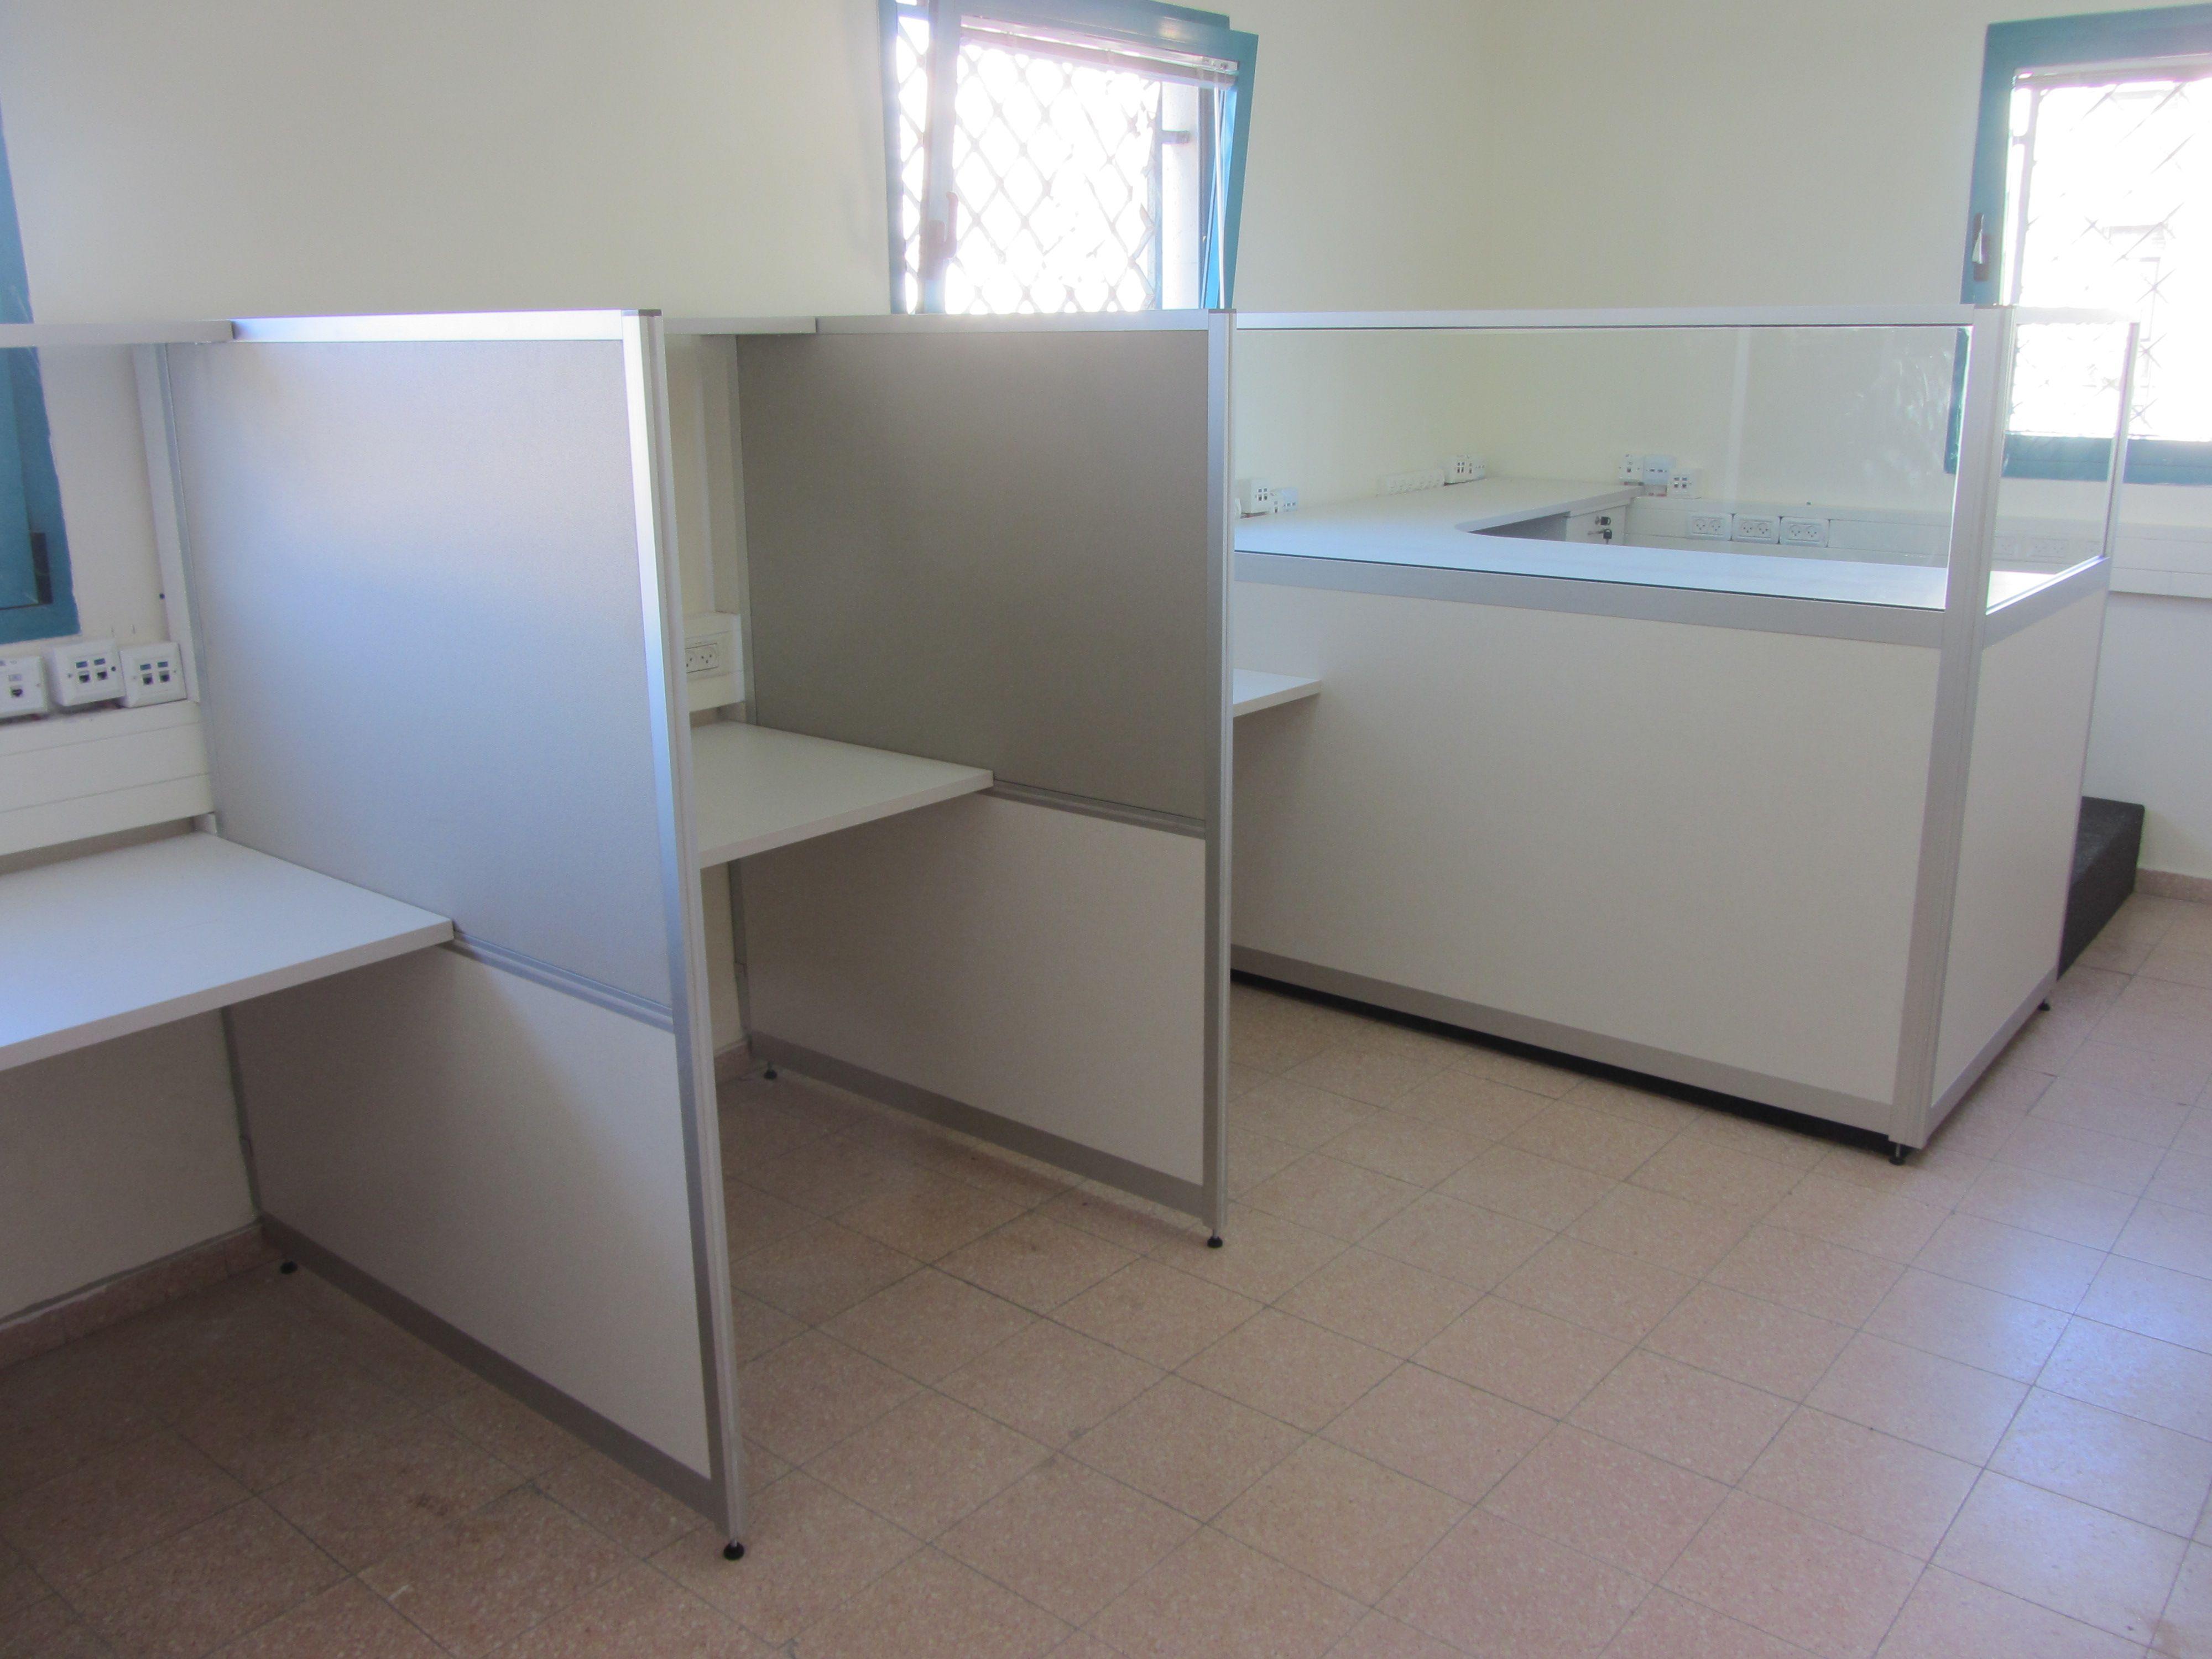 שולחן ארגונומי ומחיצות בעלות חלק עליון זכוכית שקופה